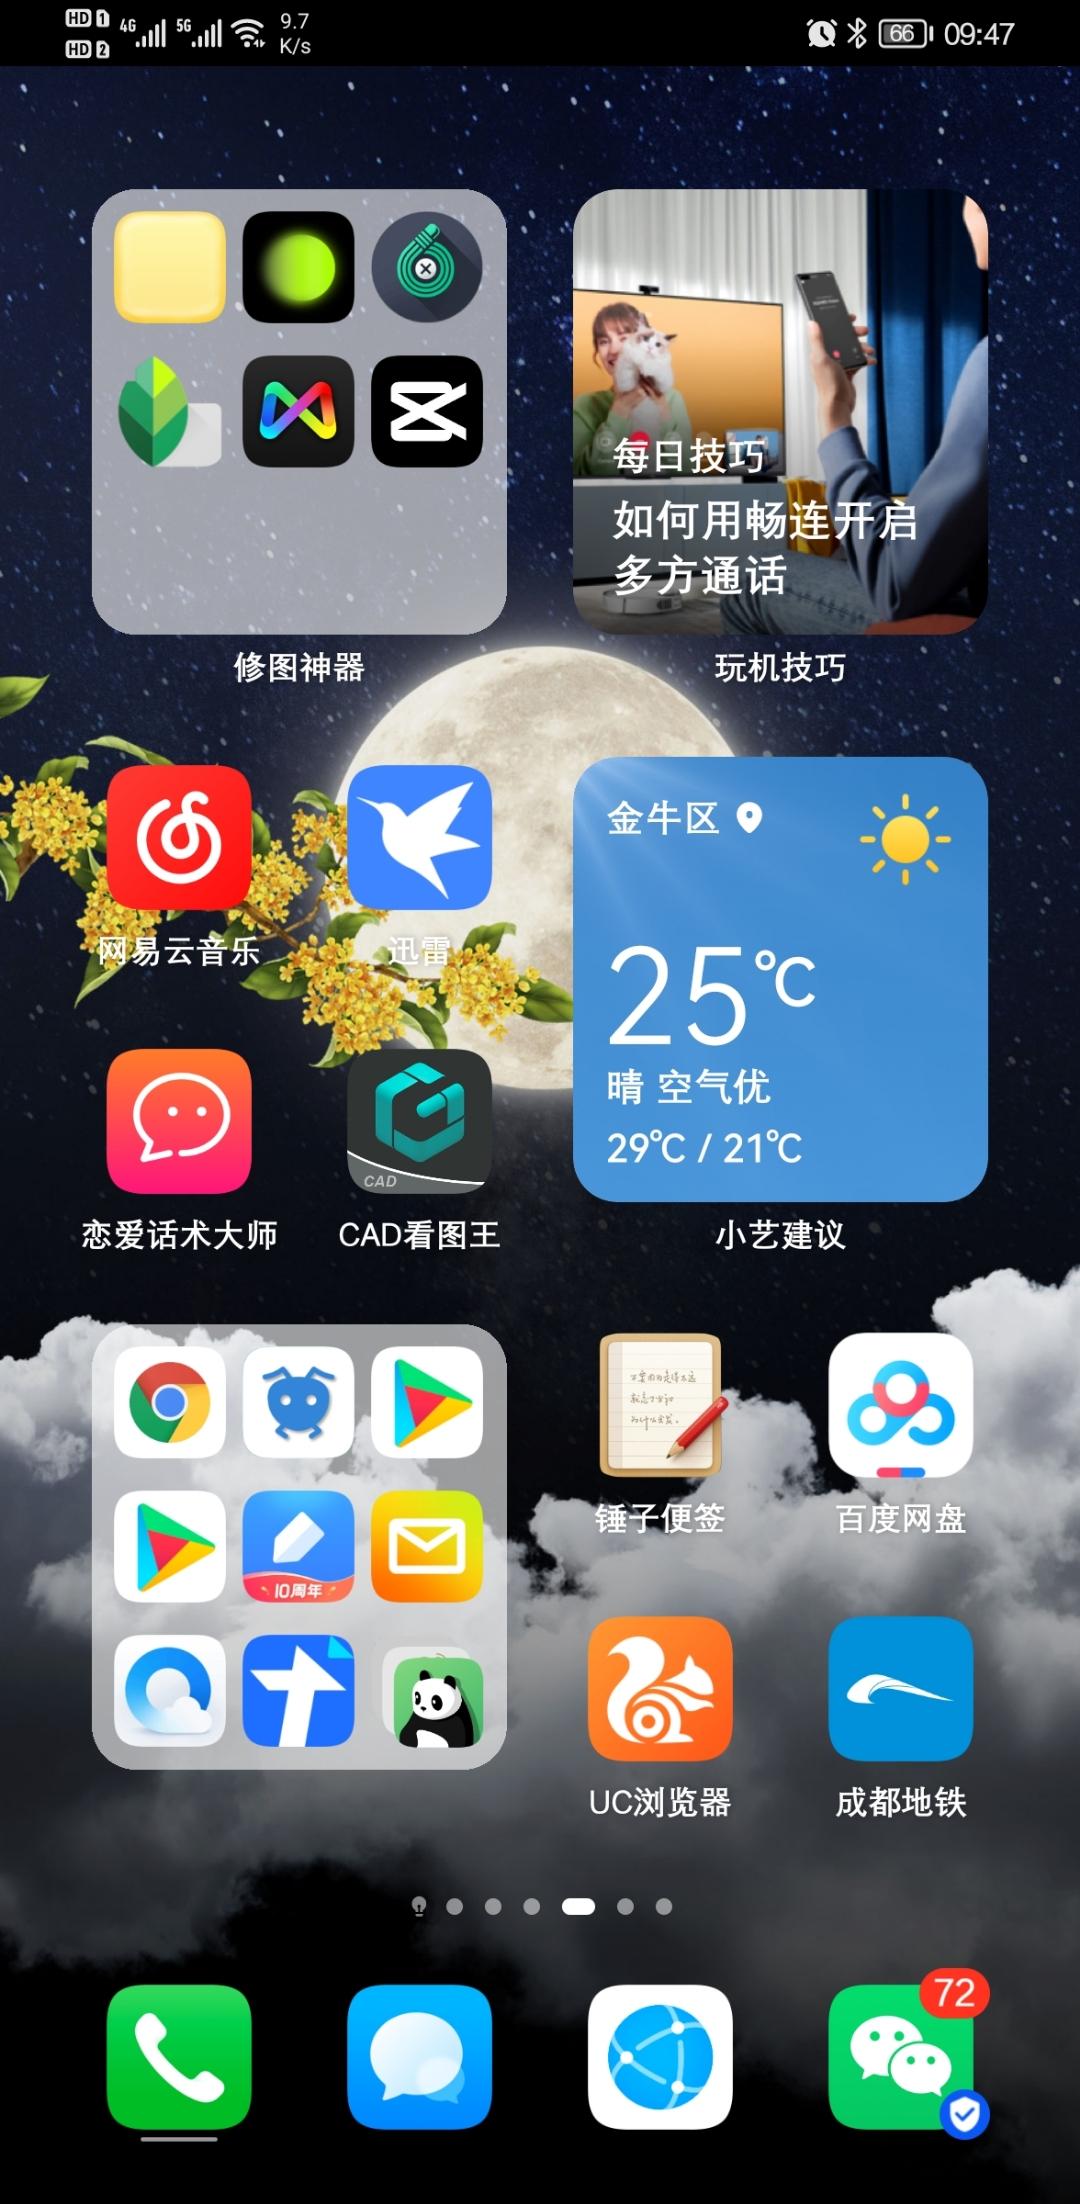 Screenshot_20210921_094725_com.huawei.android.launcher.jpg